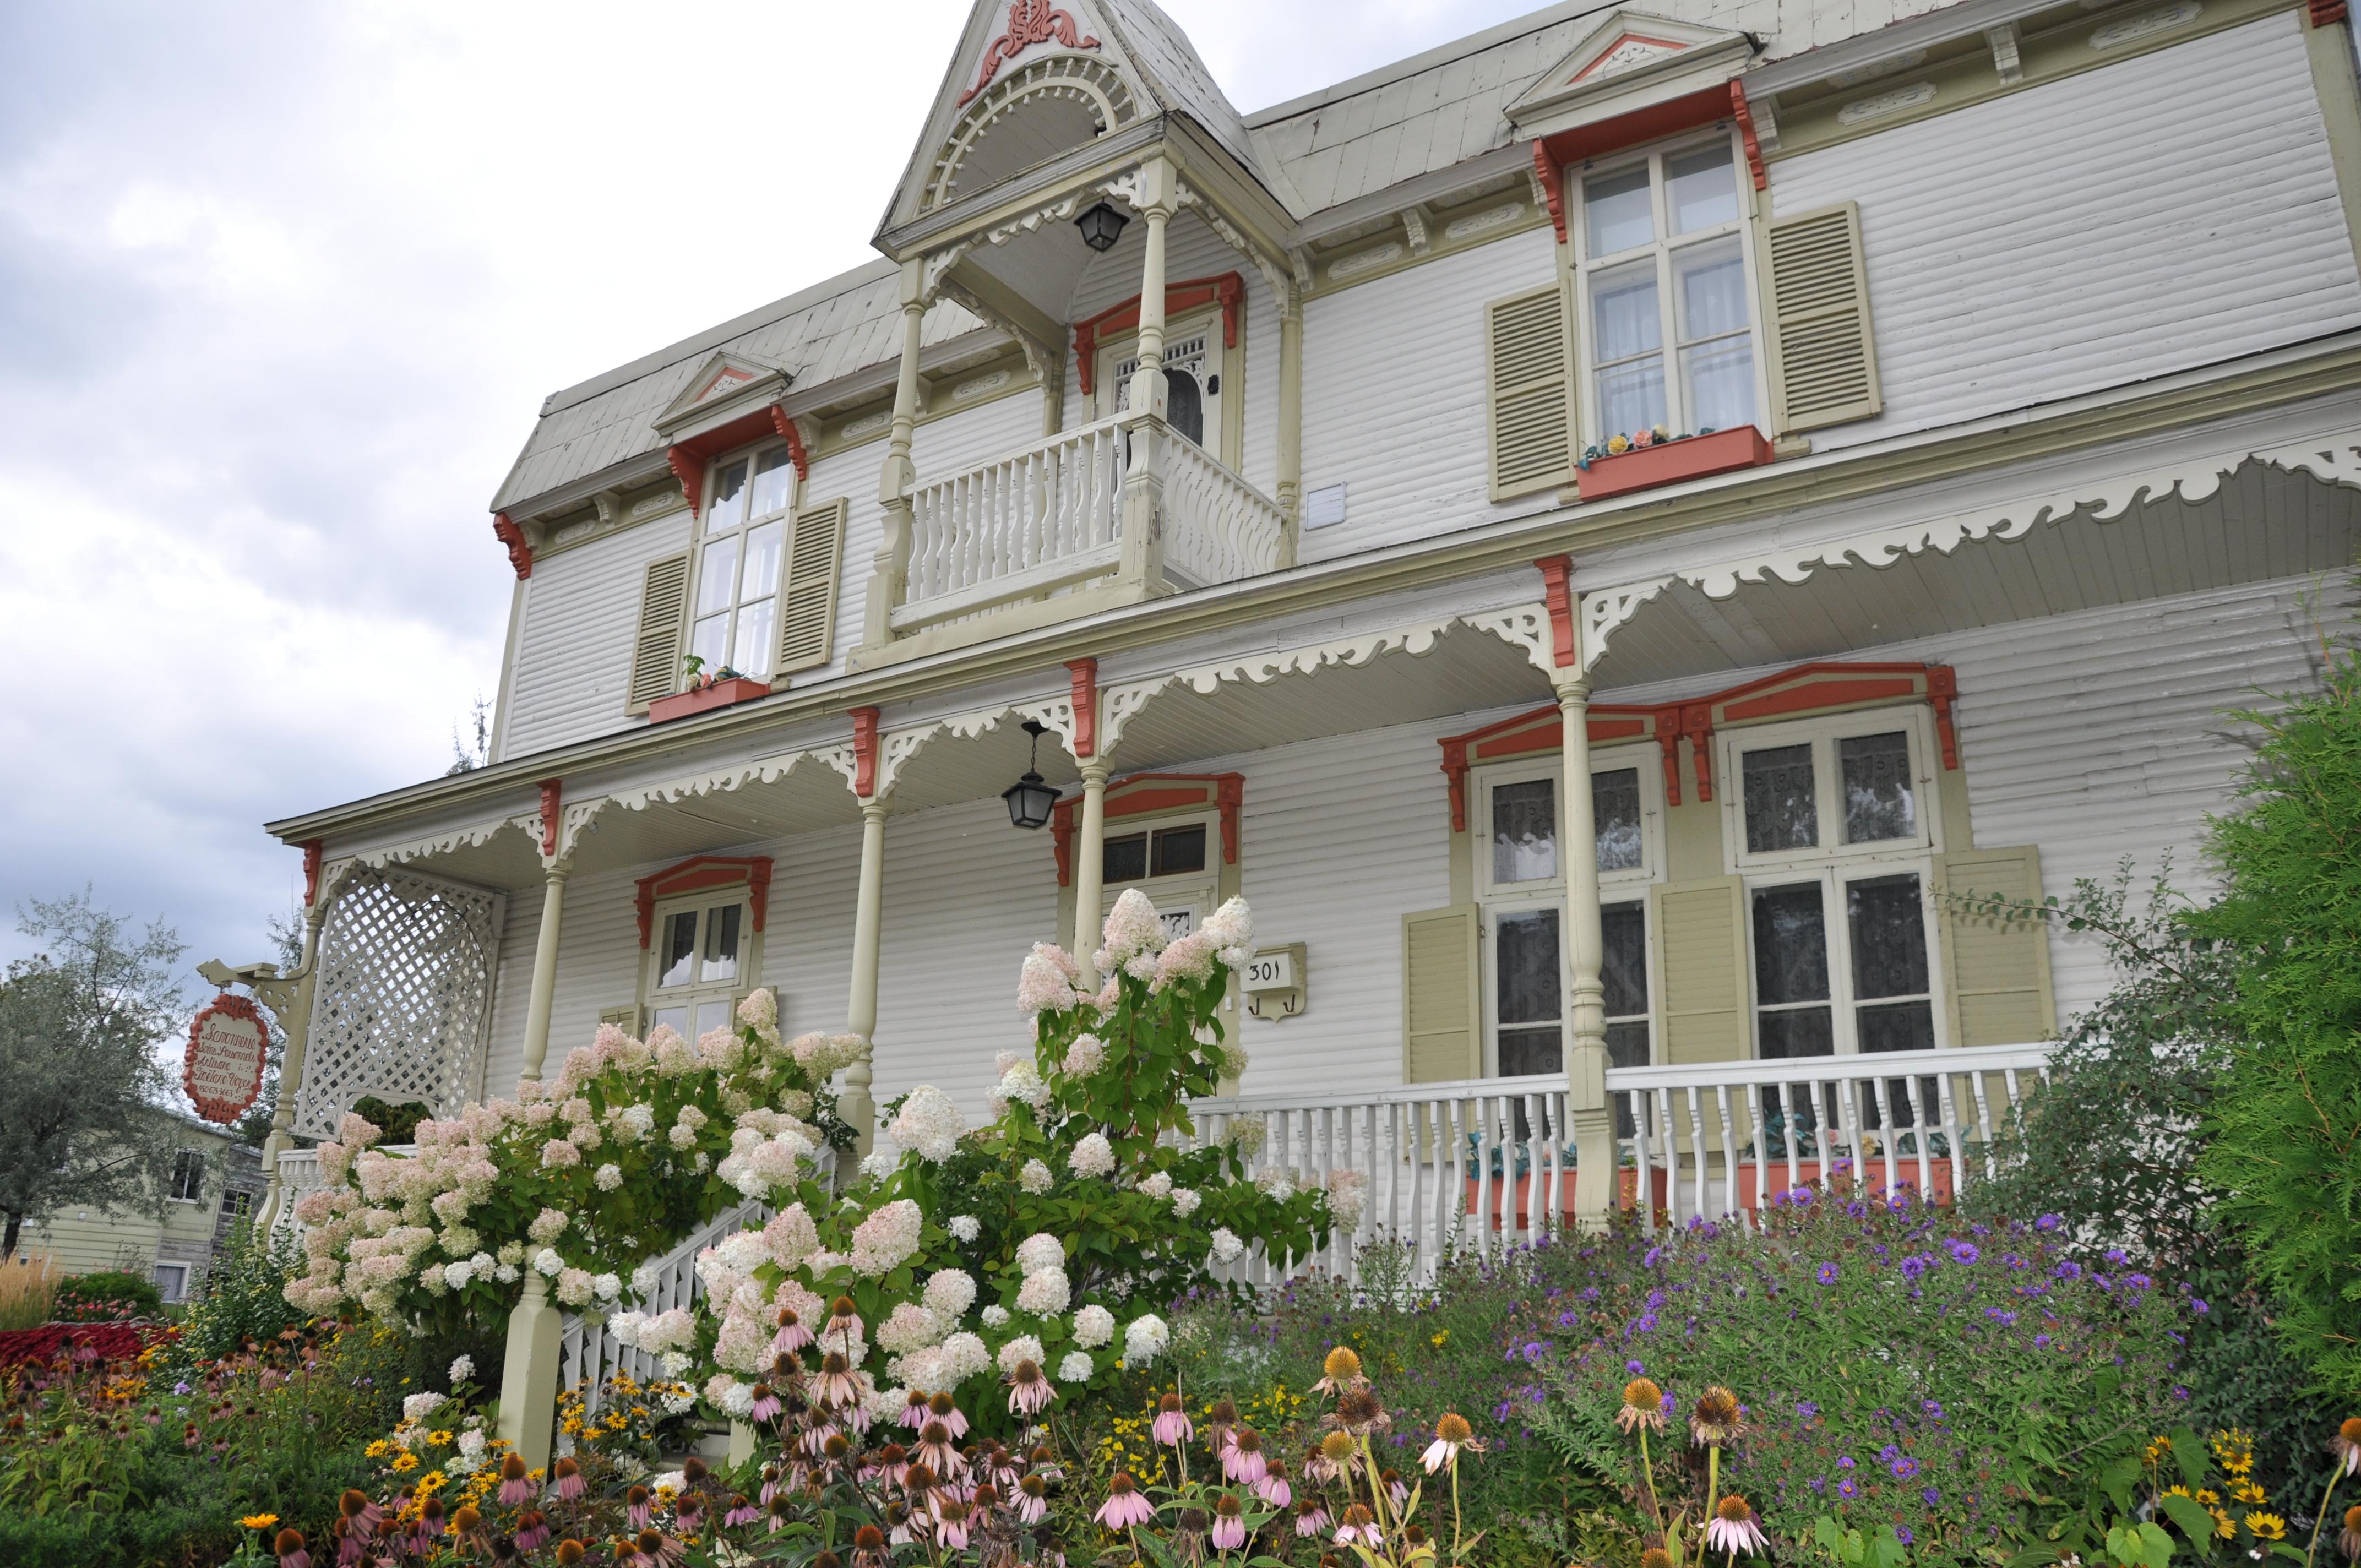 Maison du Vieux St-Eustache